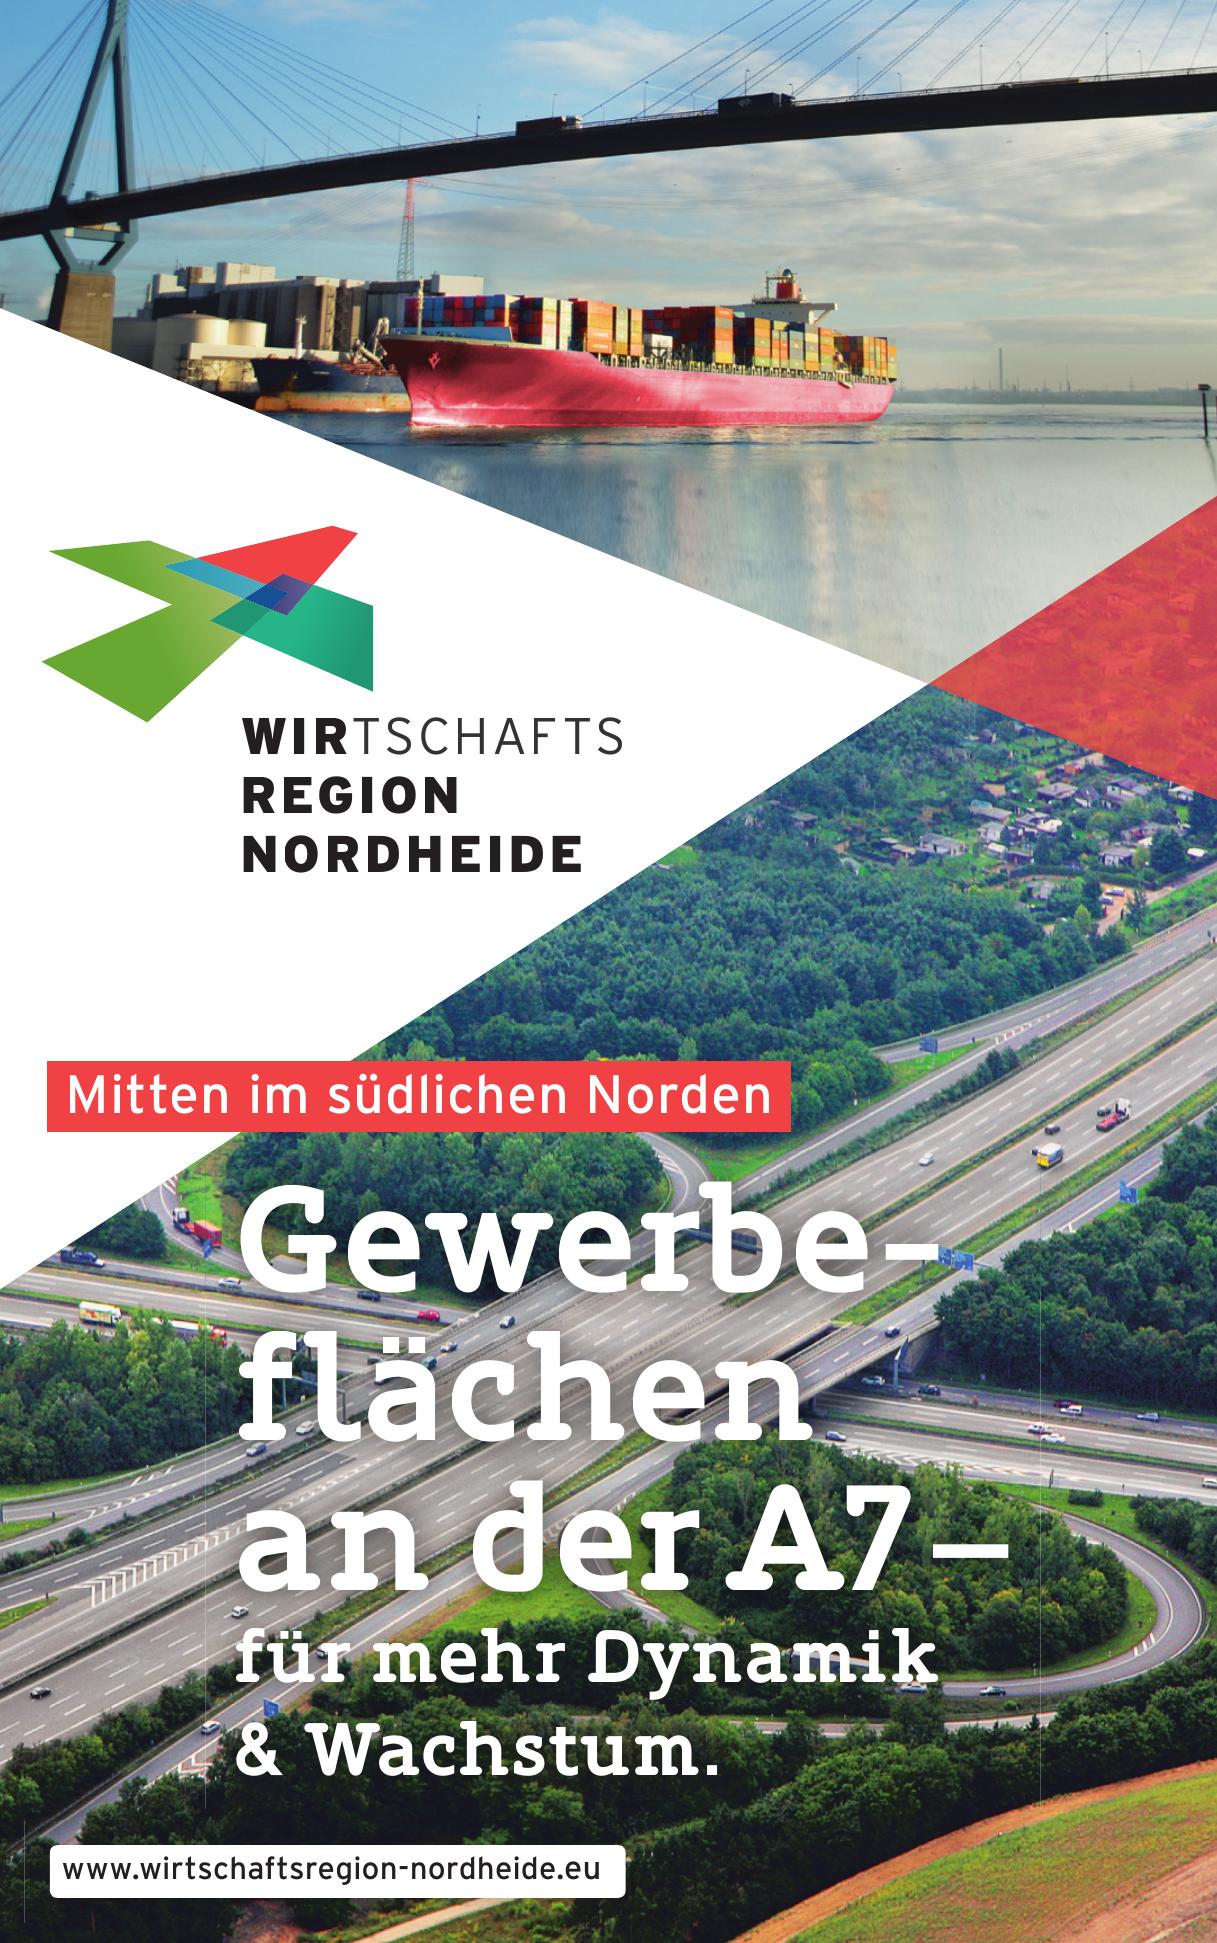 Wirtschaftsregion Nordheide